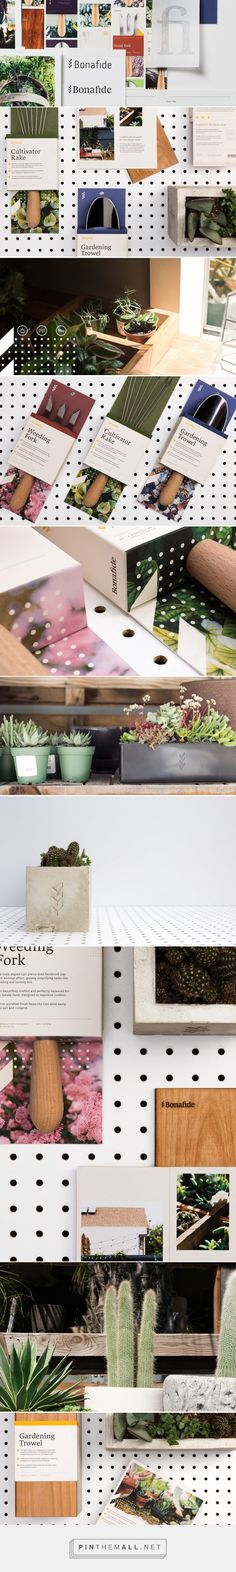 25 Best Gardening Tools Packaging Images Gardening Tools Garden